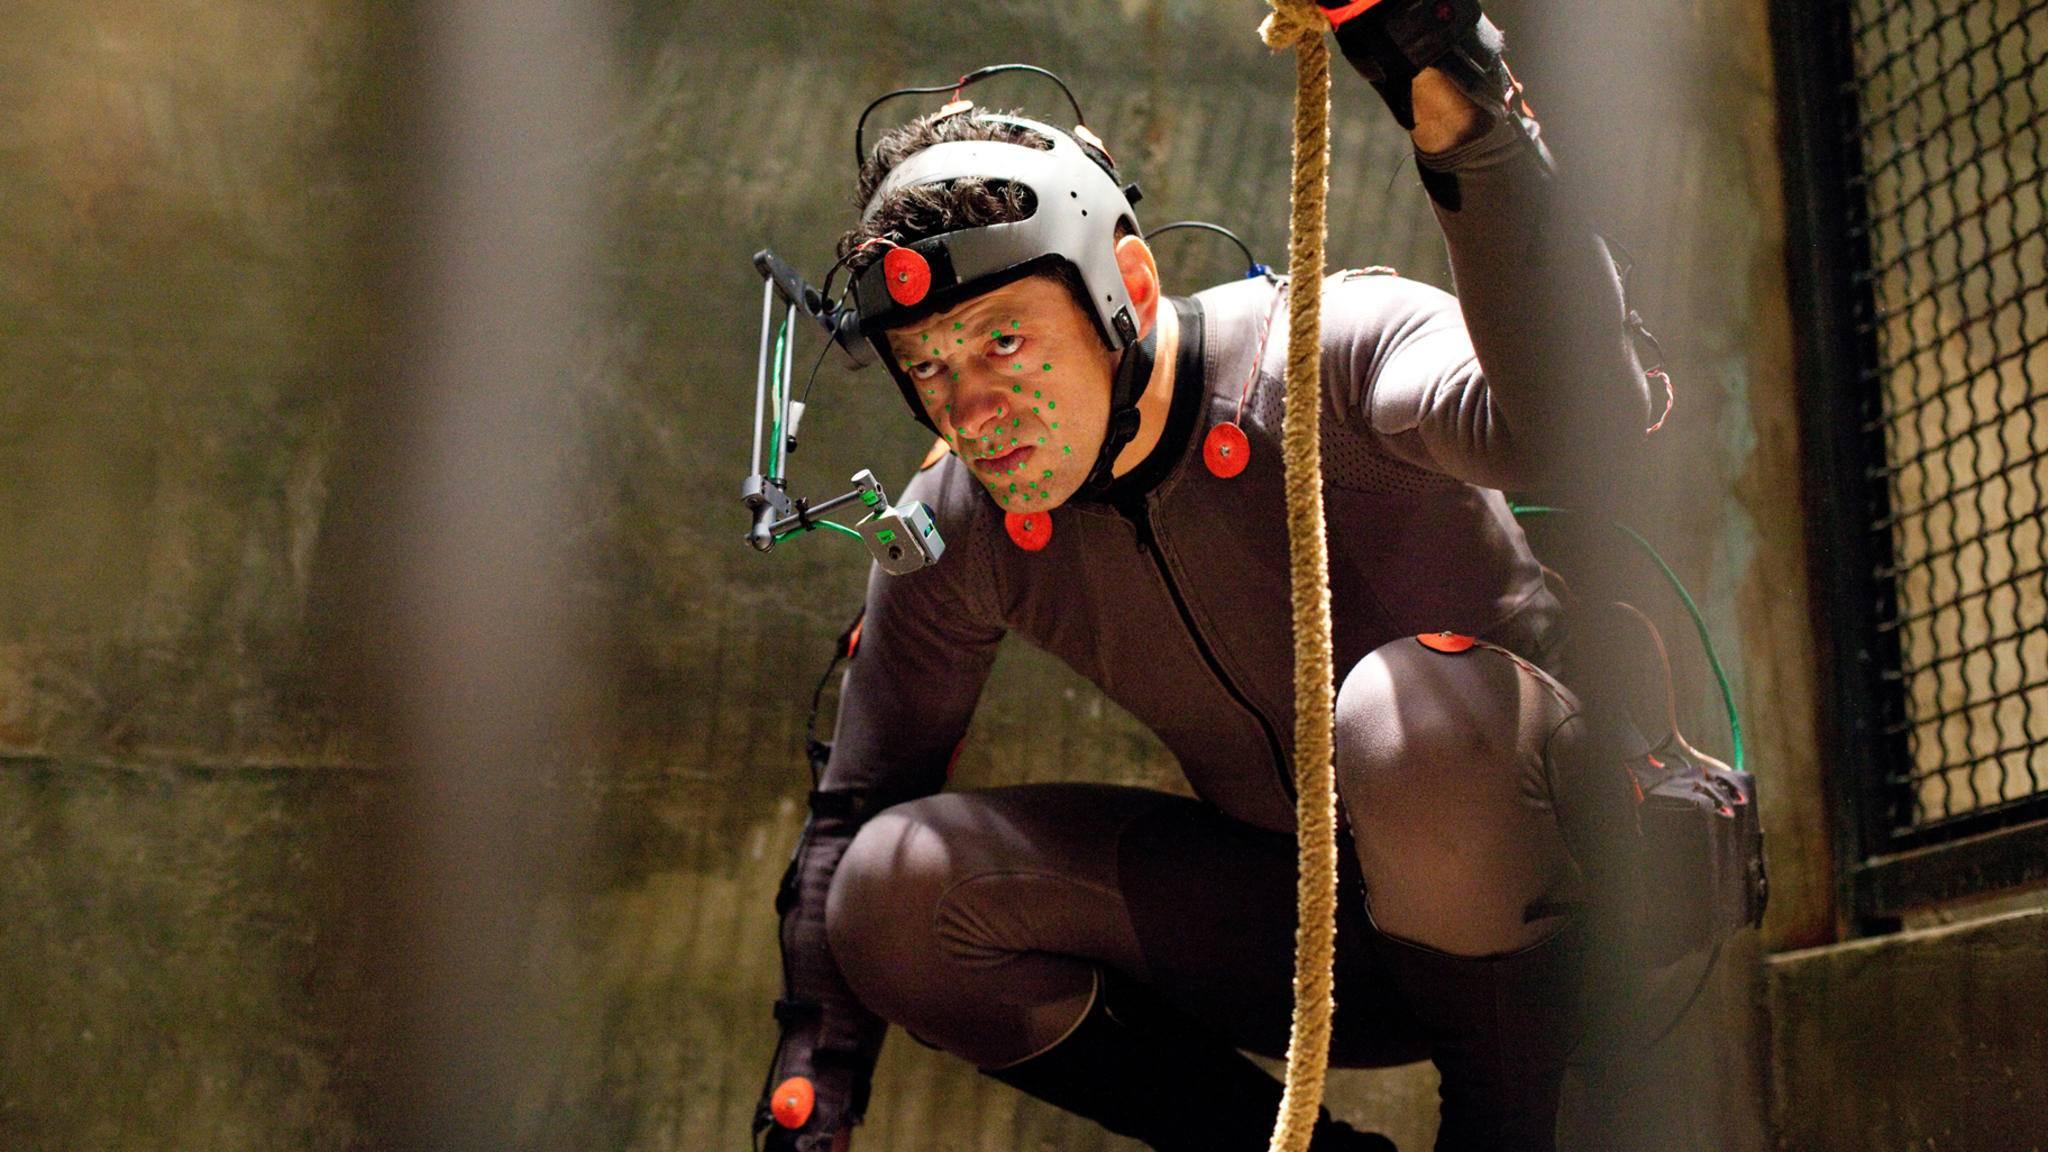 """Zurück in den Motion-Capture-Anzug? Andy Serkis arbeitet an """"Animal Farm""""."""